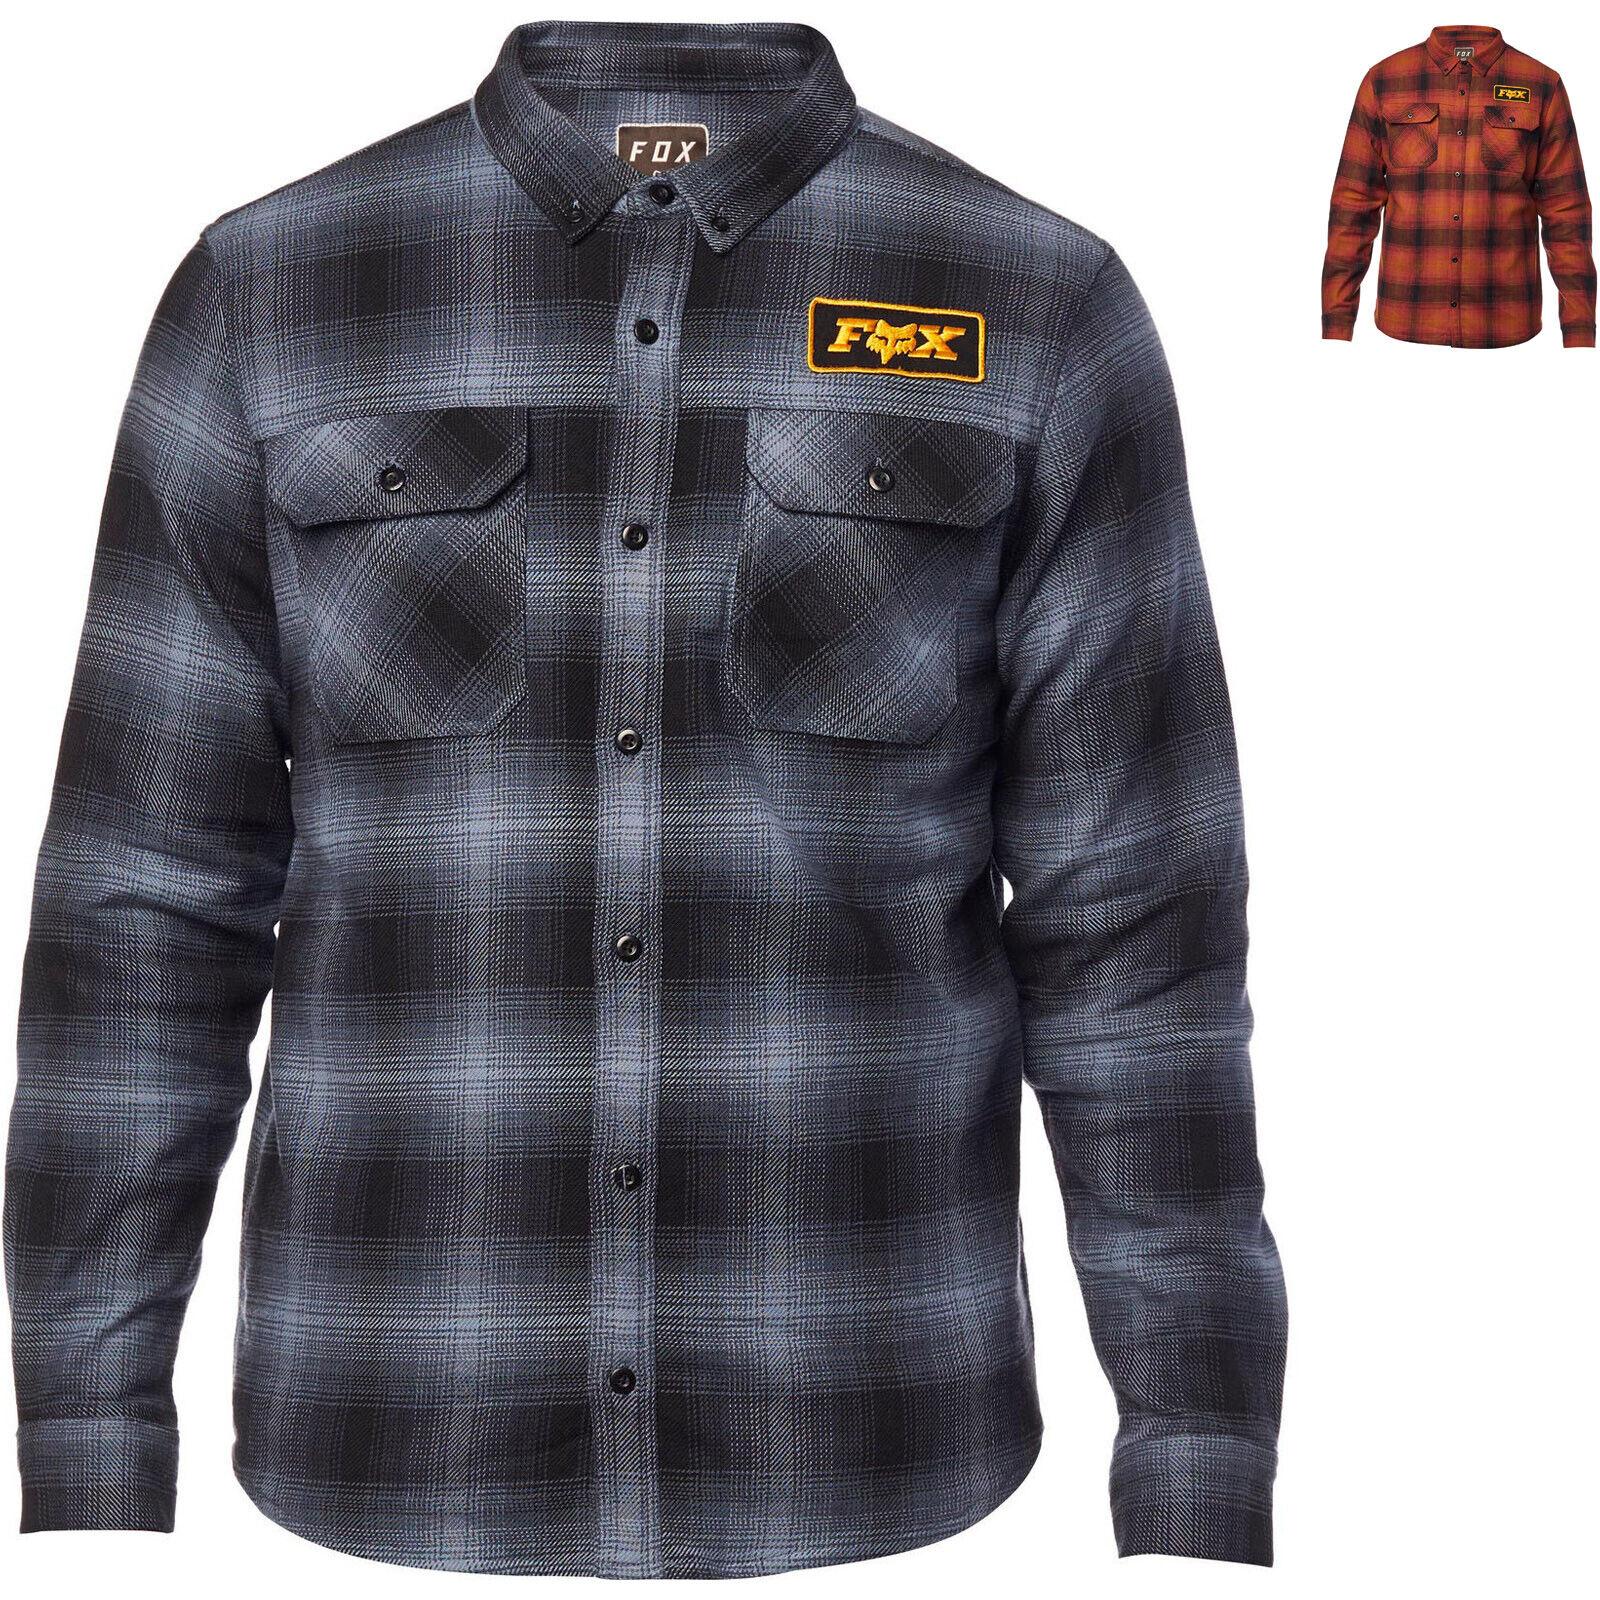 Fox Racing Gorman Overshirt de súperdry Algodón Poliéster de 2.0  ropa casual ropa listos  alto descuento